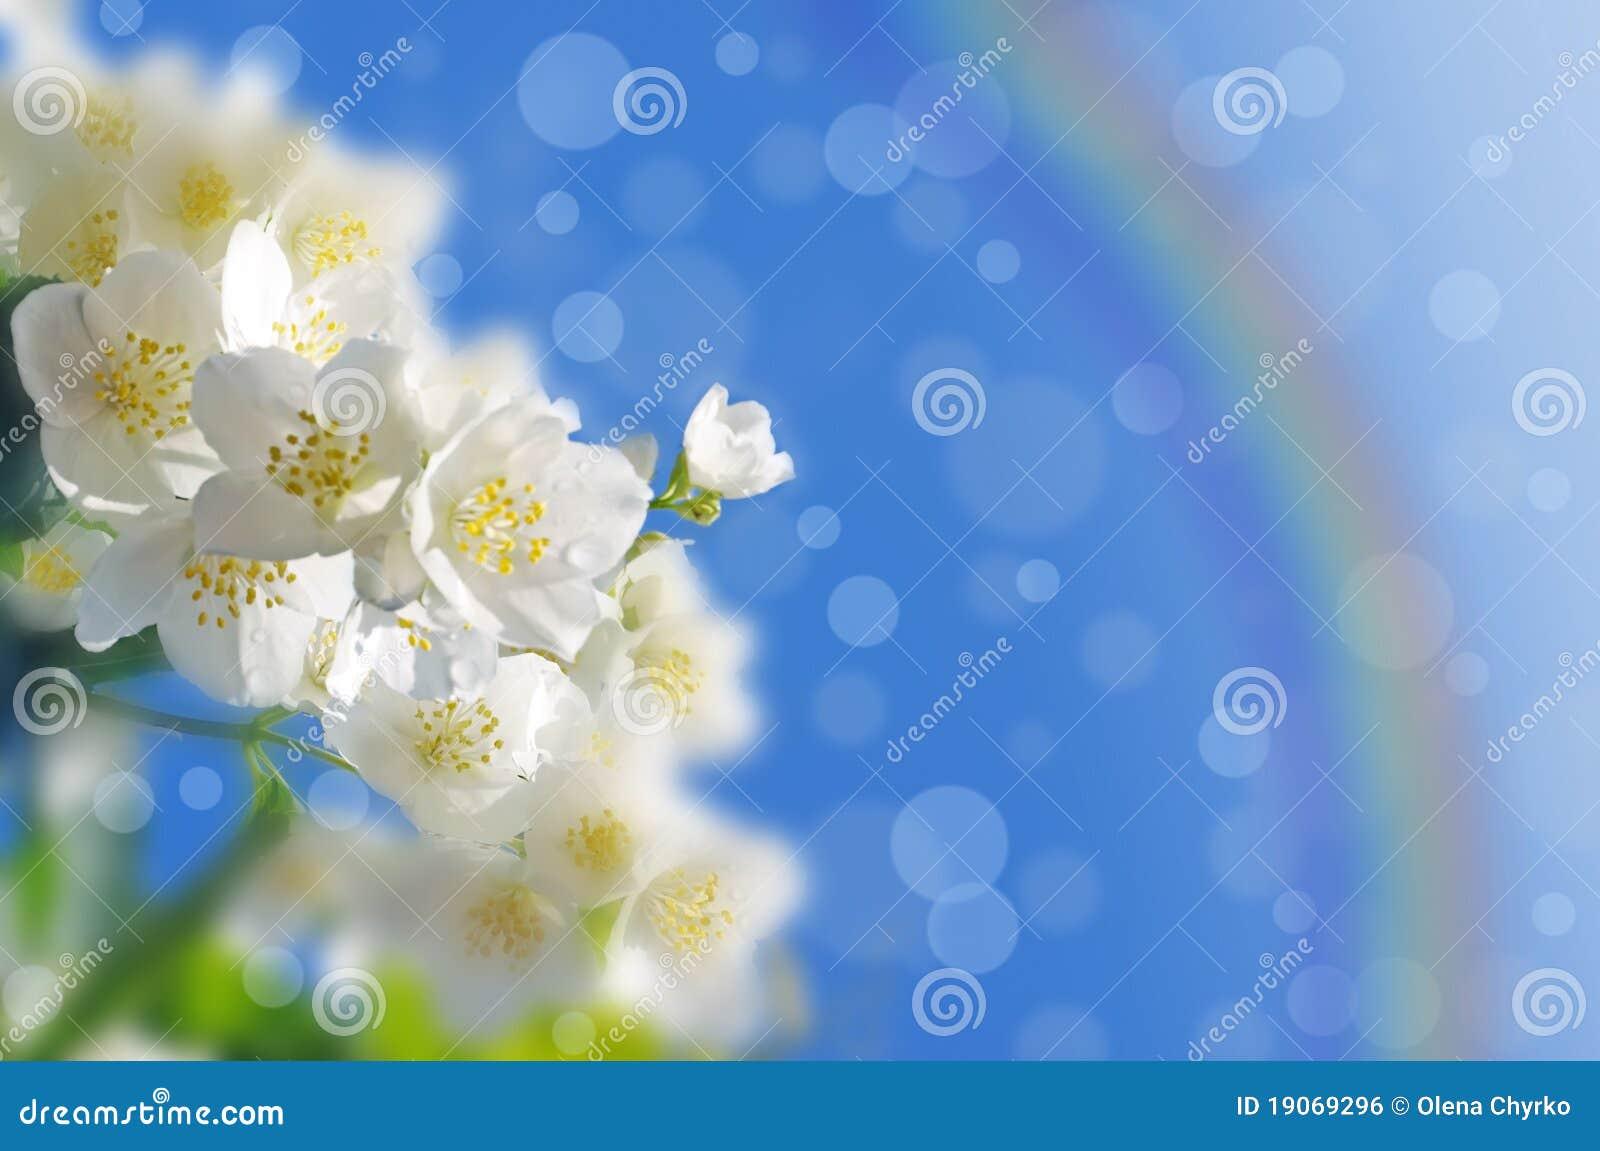 抽象背景春天